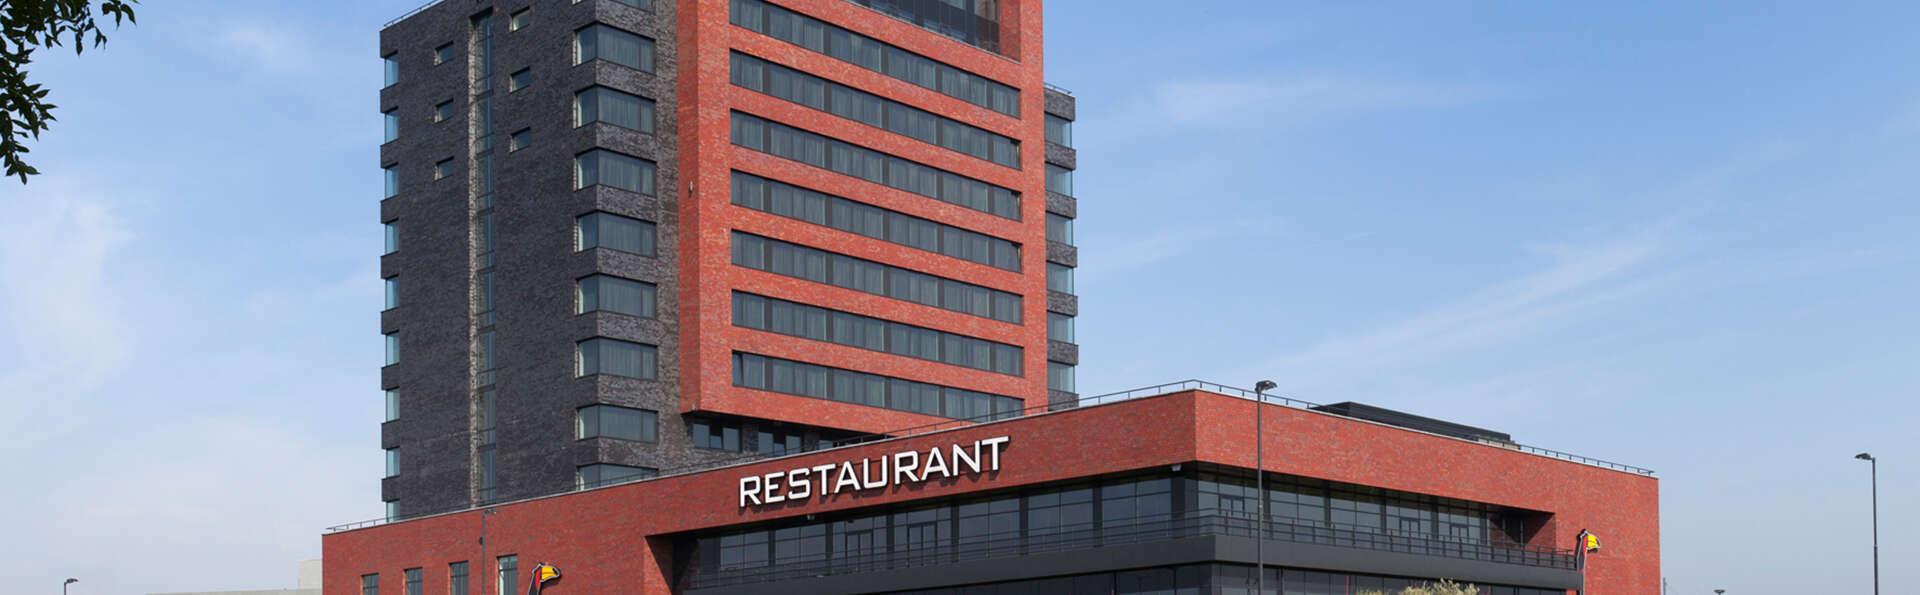 Van der Valk hotel Dordrecht - EDIT_Ext_-_Copy.jpg